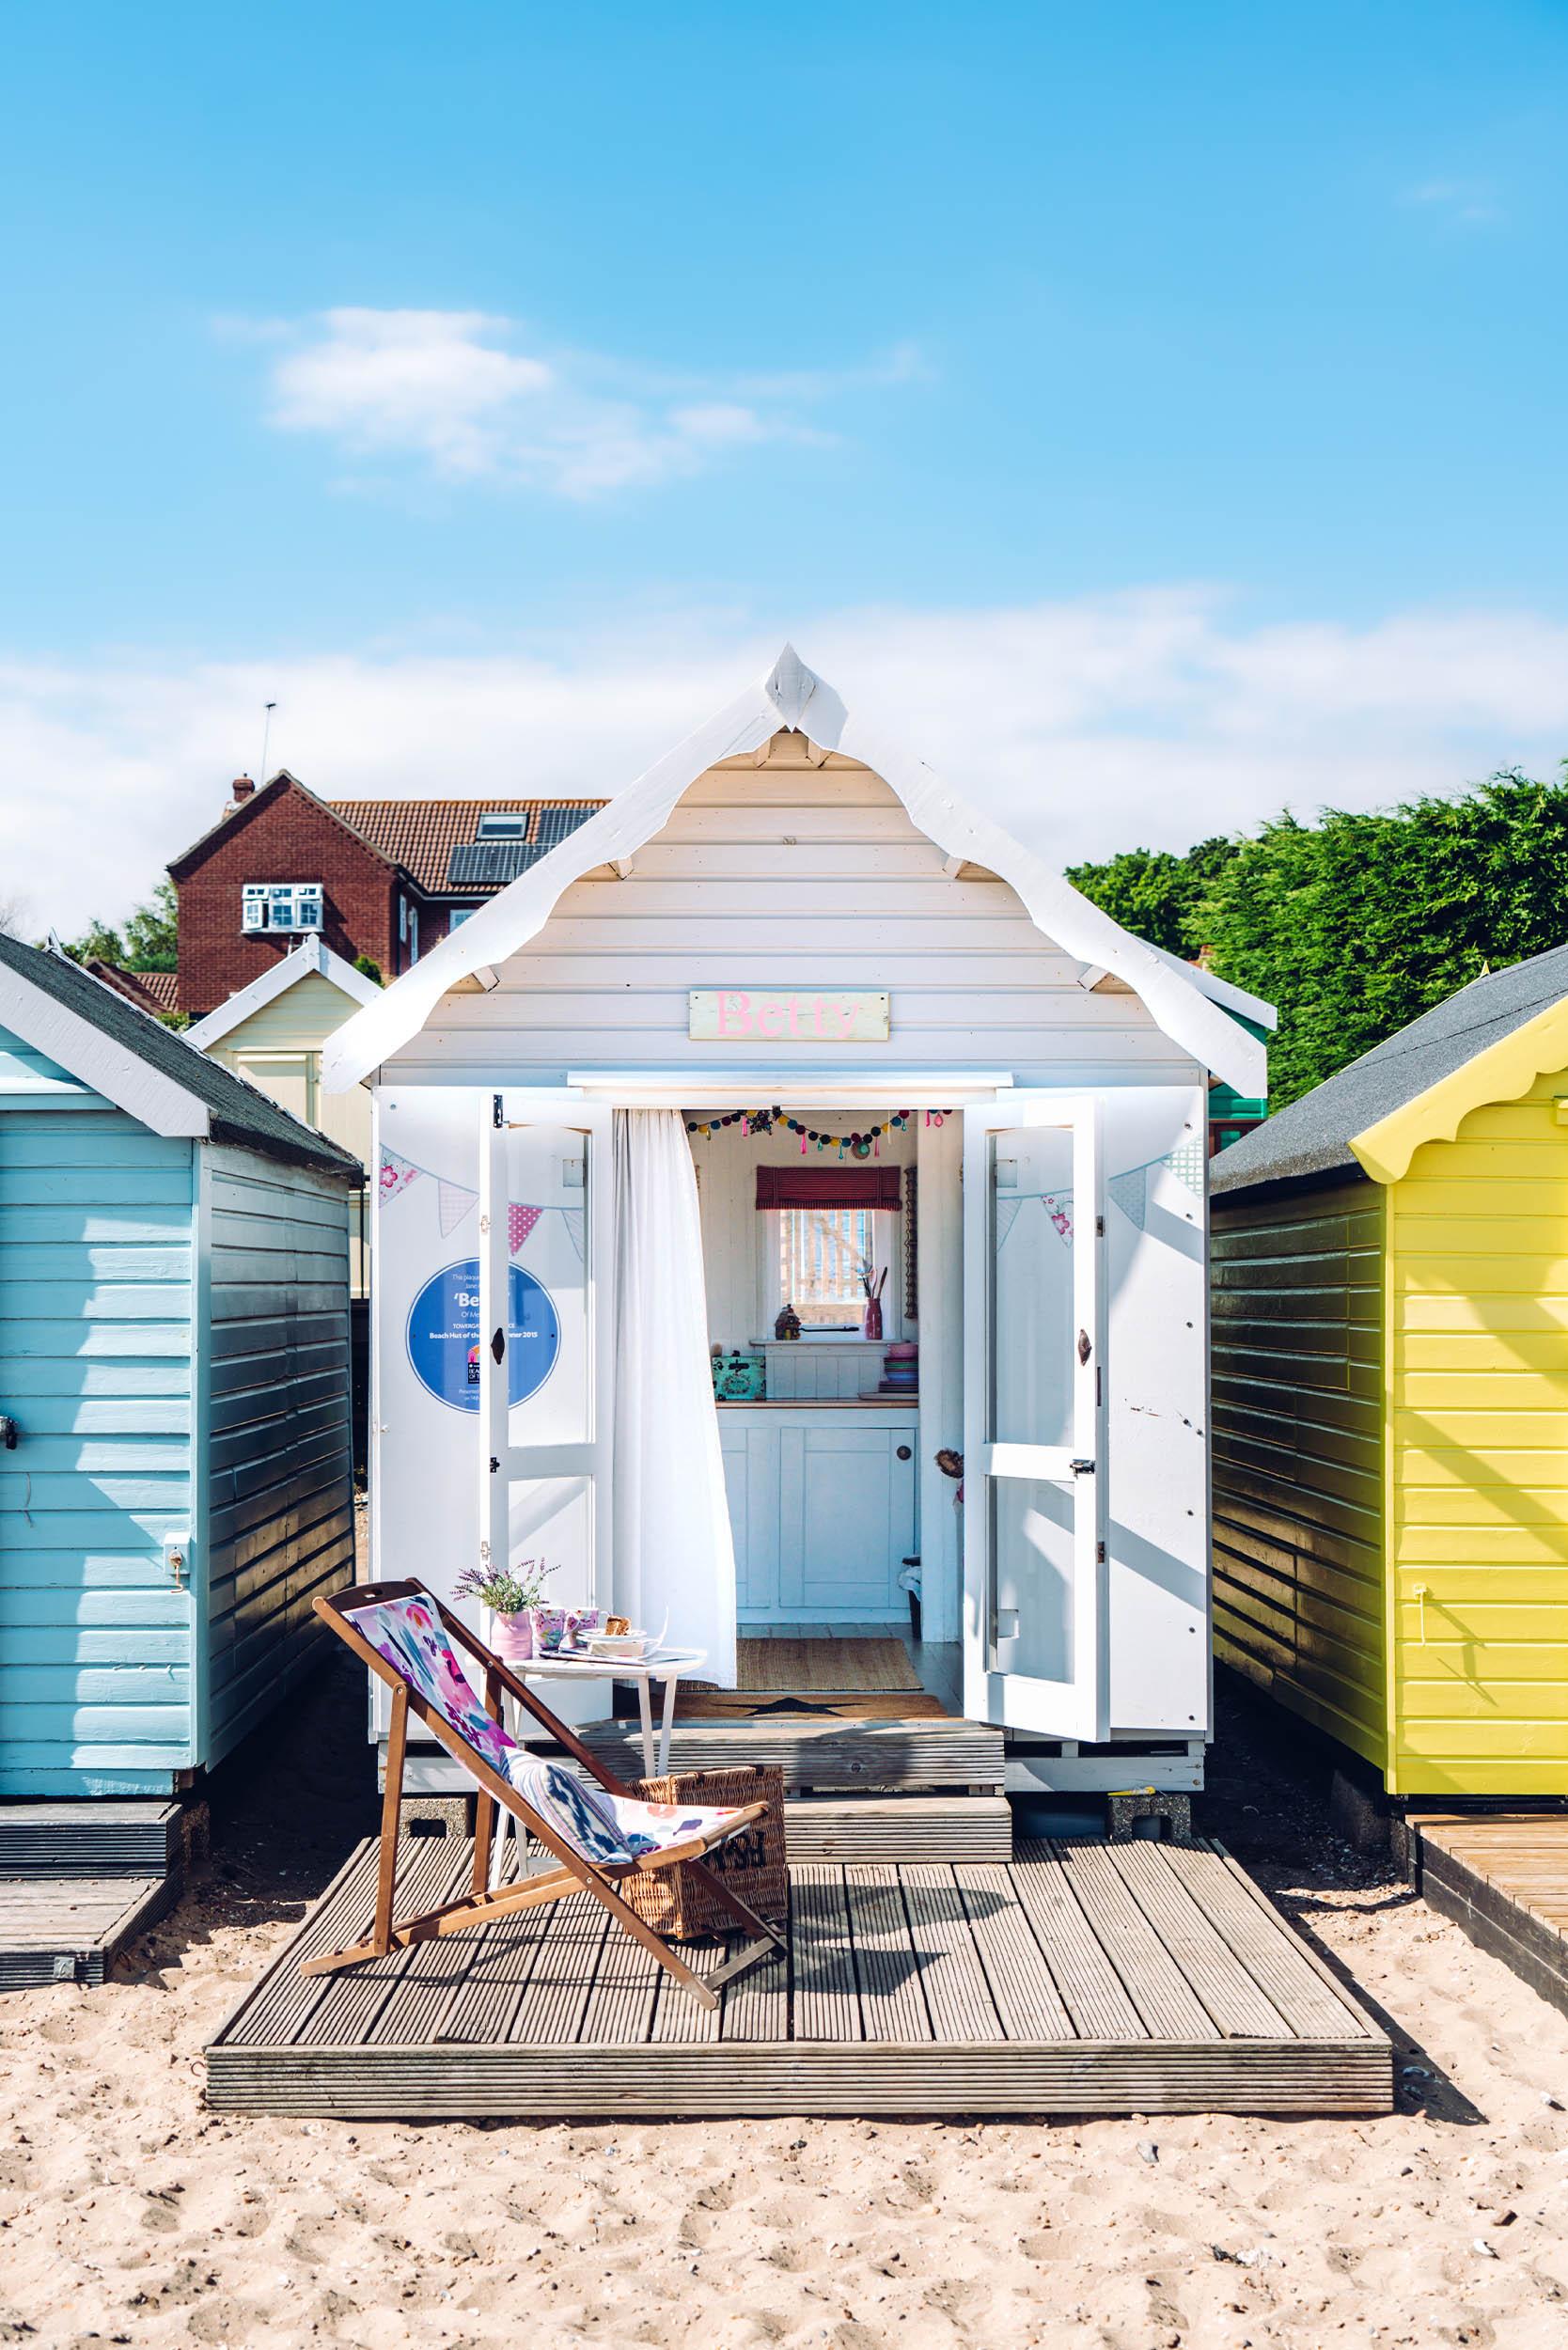 Betty is an award winning beach hut